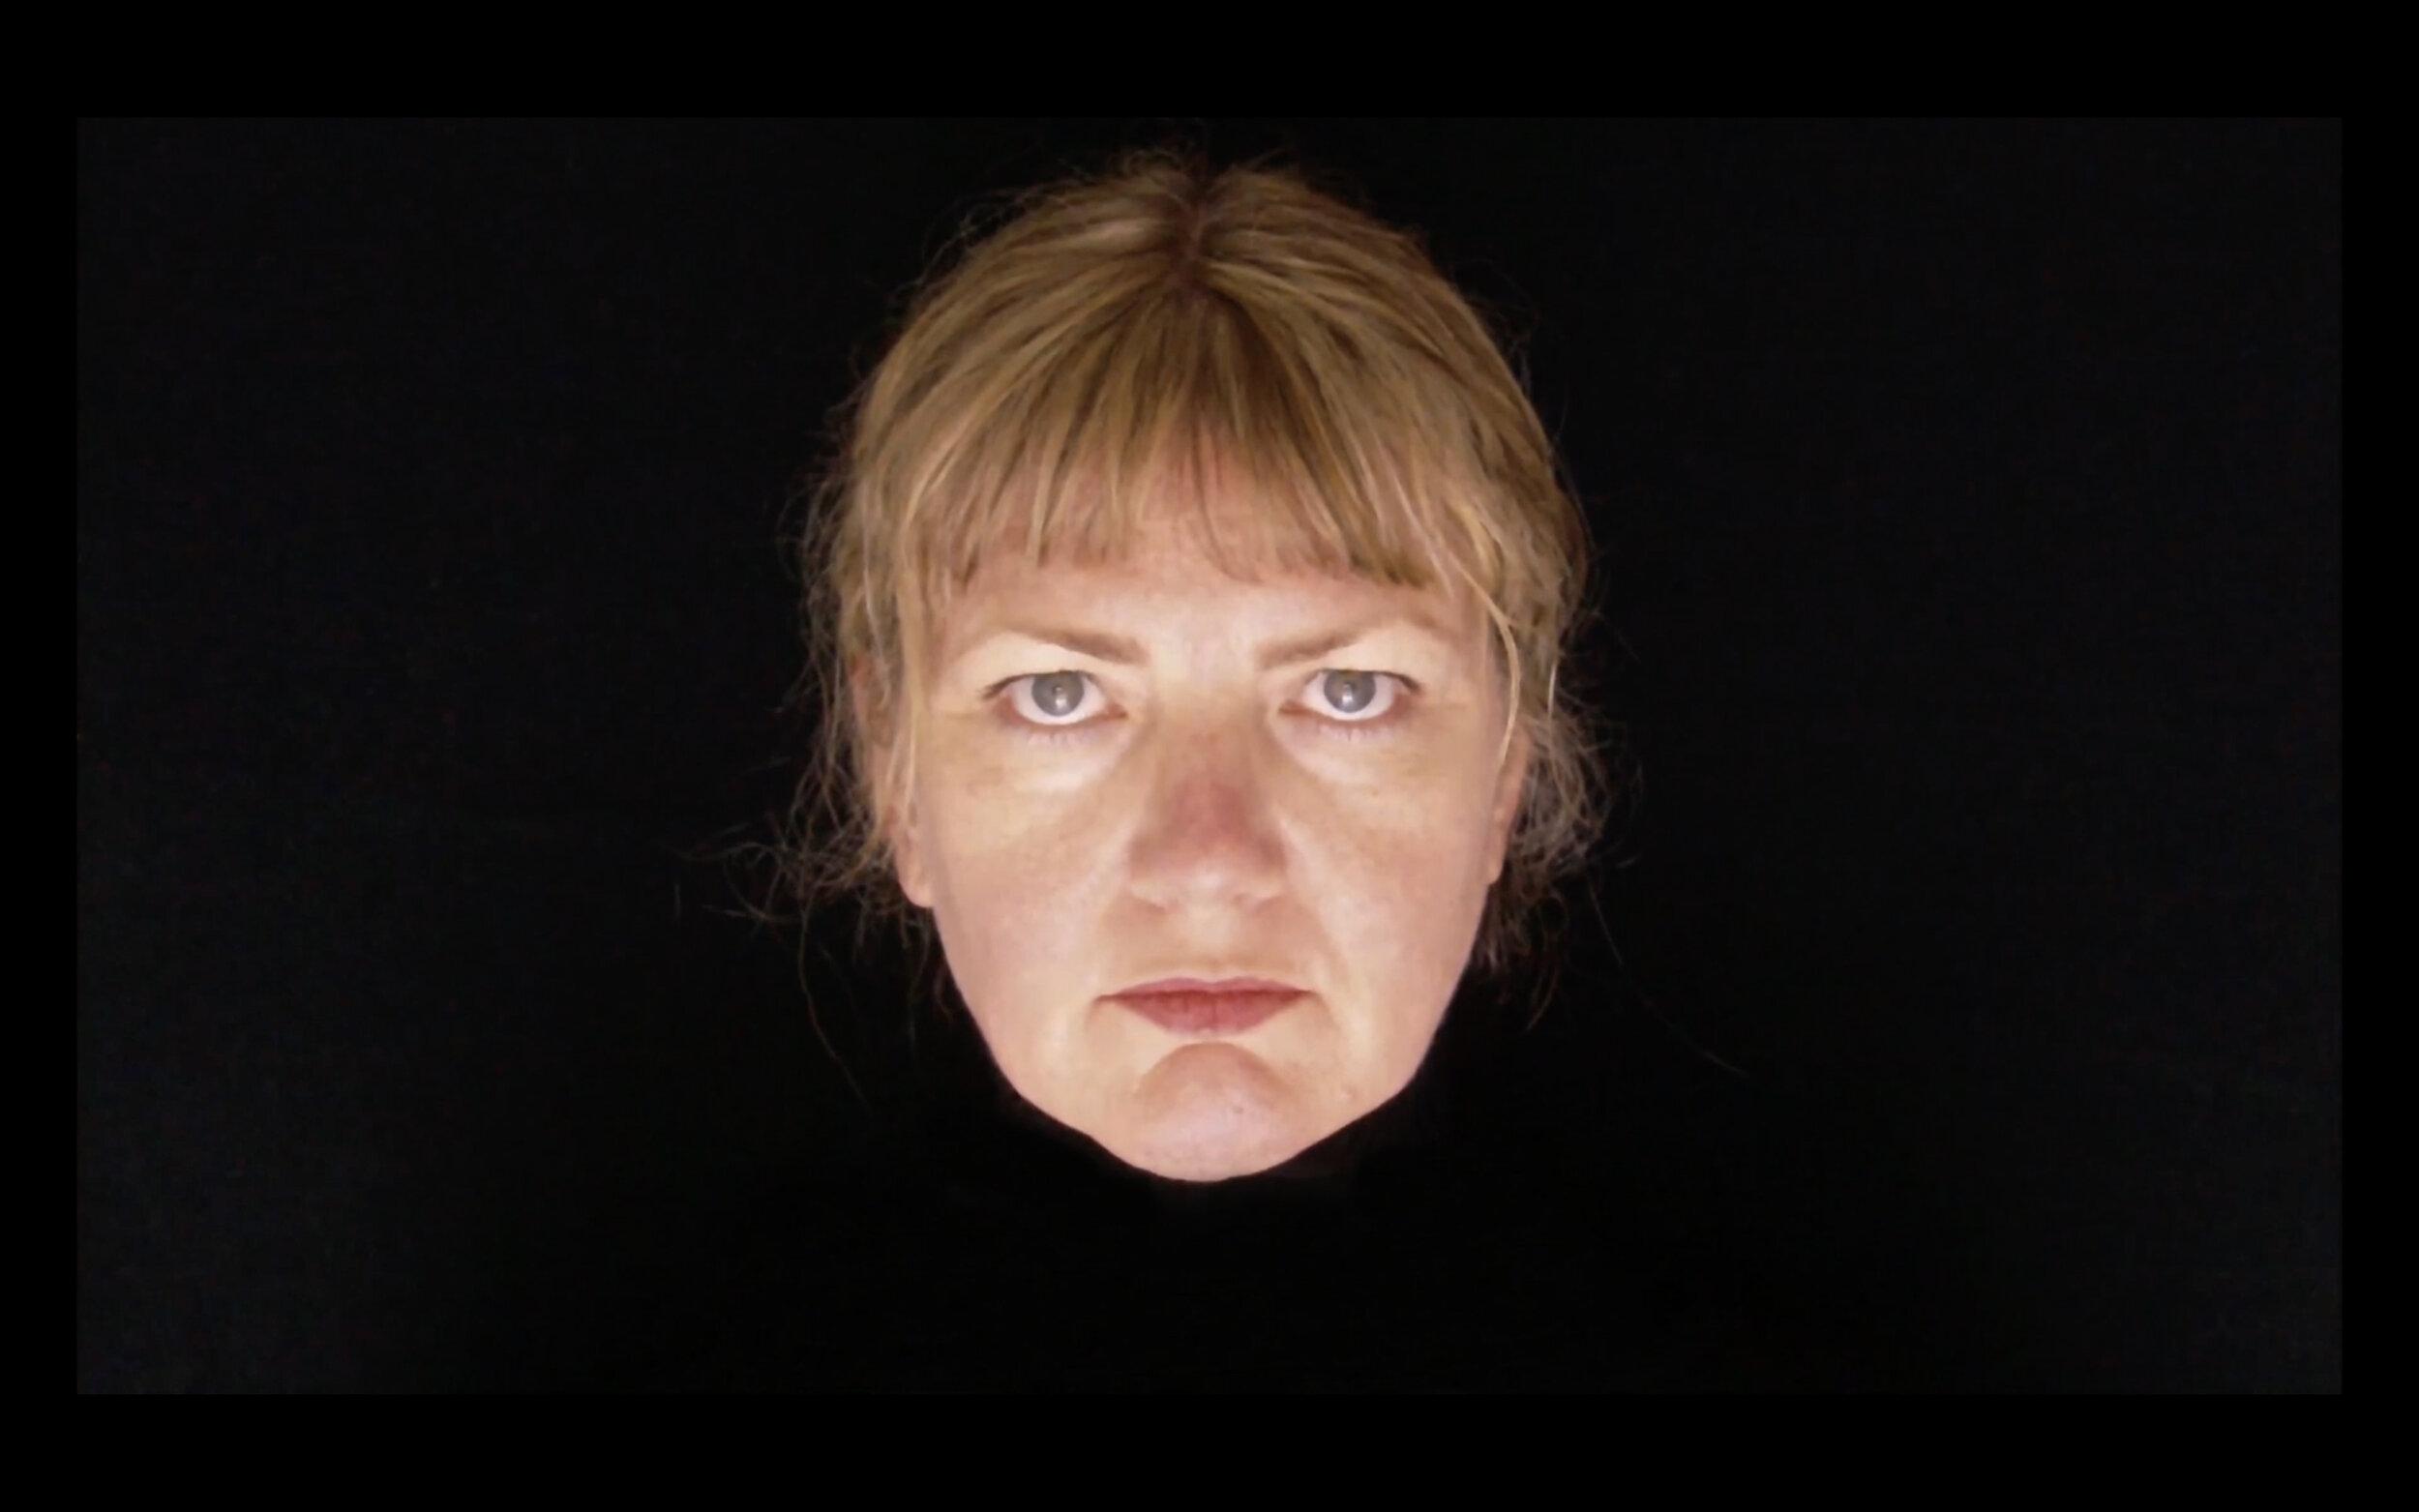 Valerie Driscoll Smile video still 1.jpg